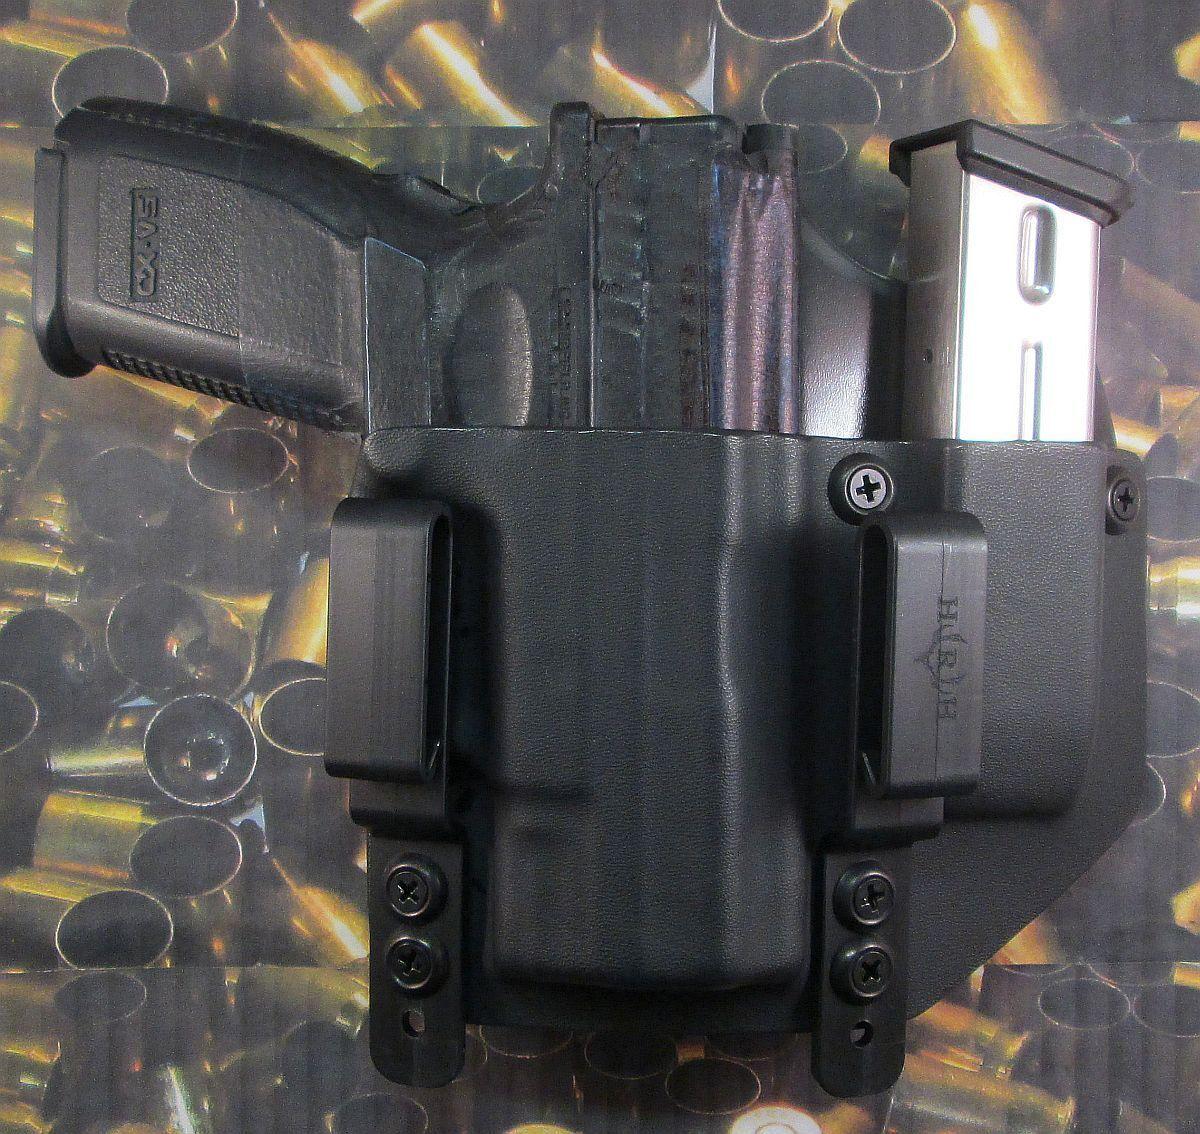 Hunt listo Fundas  XD 9 40 3 bbl SA dentro de la cintura Funda Con Soporte Extra Mag